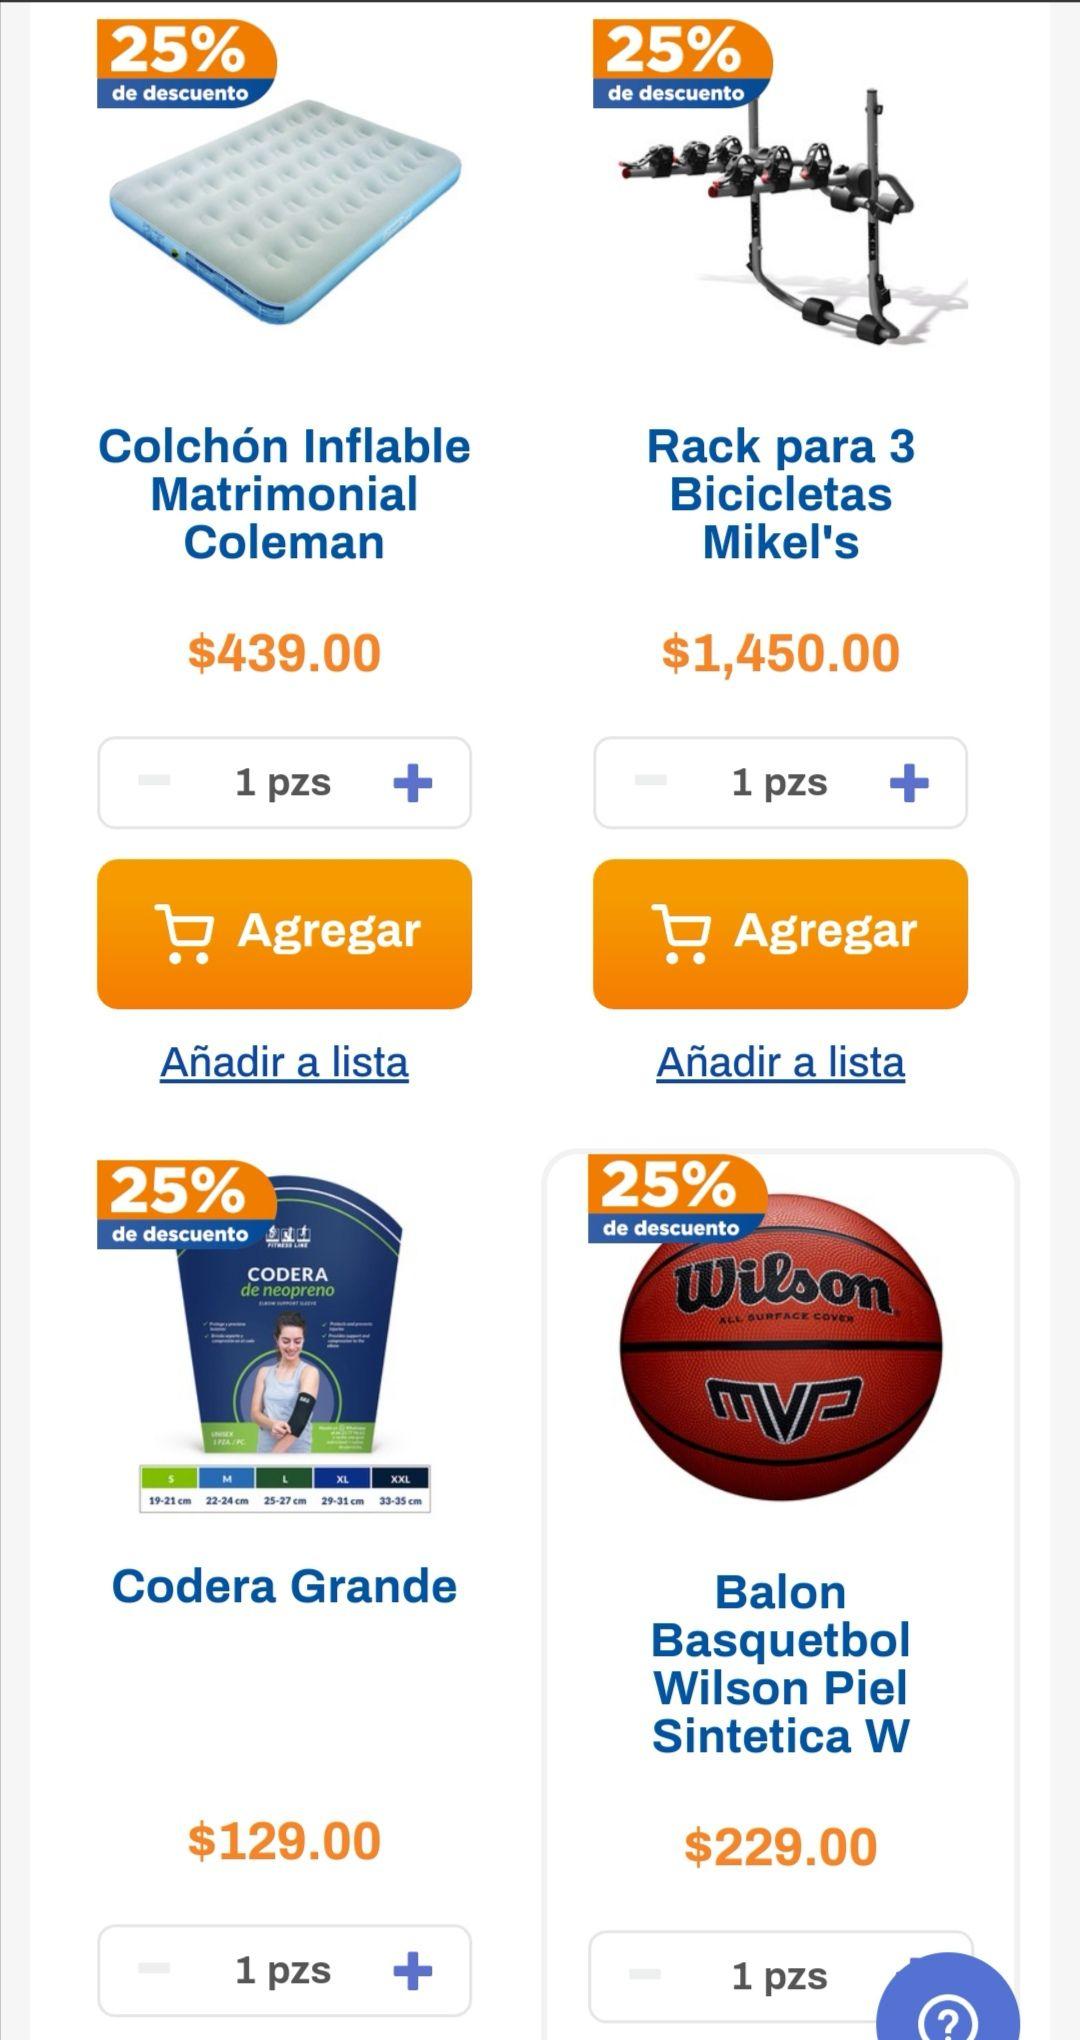 Chedraui: 25% de descuento en las marcas Coleman, Wilson, Ferlin, Fitness Line y Mikel's del depto. de deportes